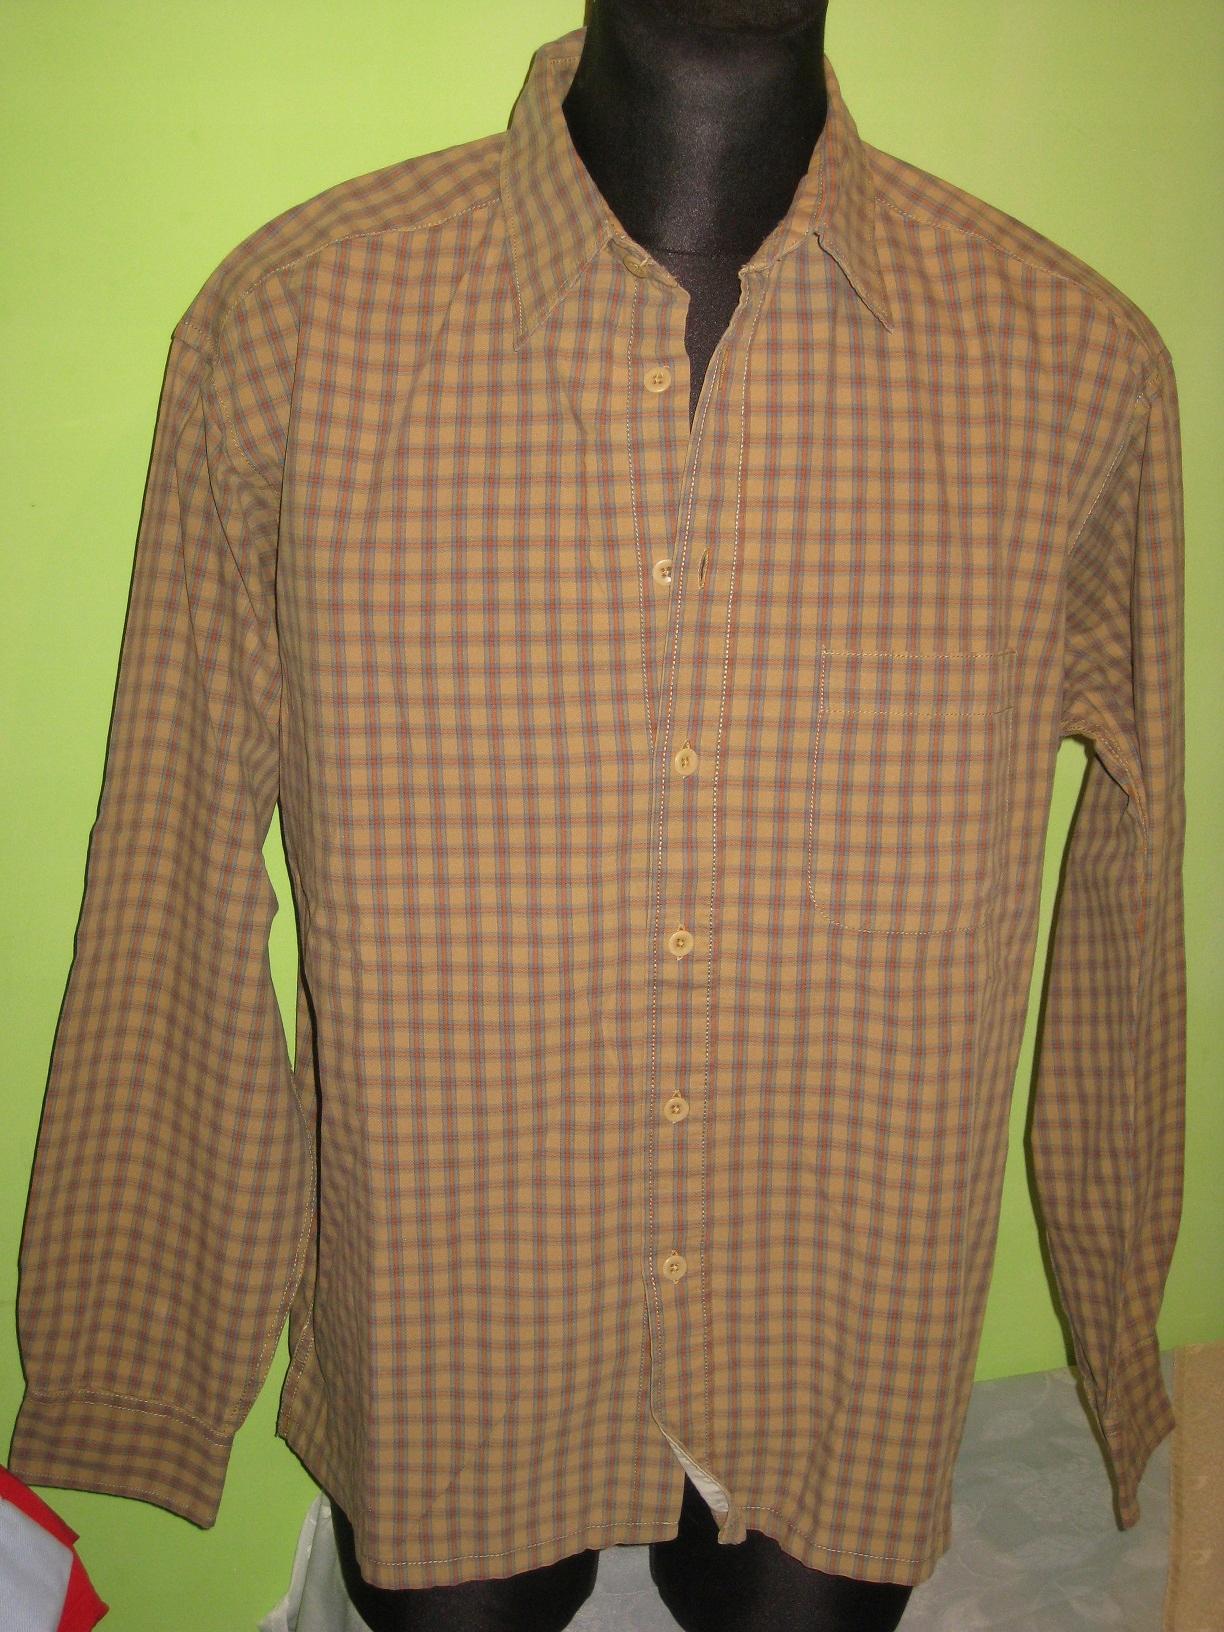 H & M - koszula męska roz. XL / XXL